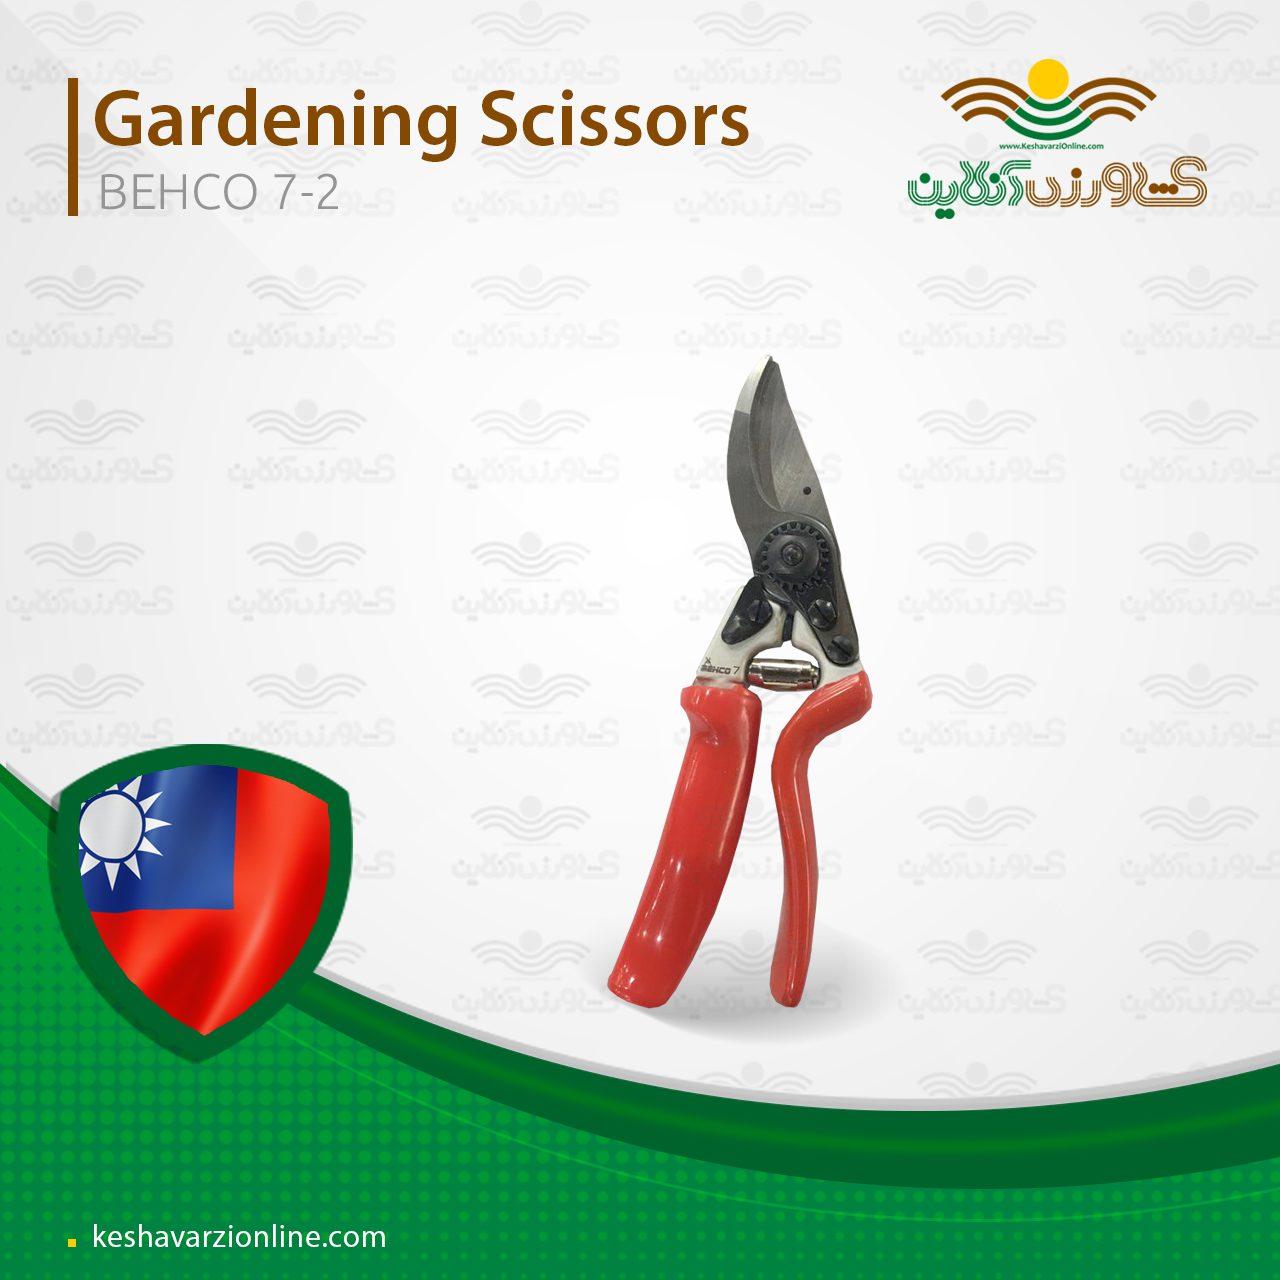 قیچی هرس و باغبانی بهکو 7